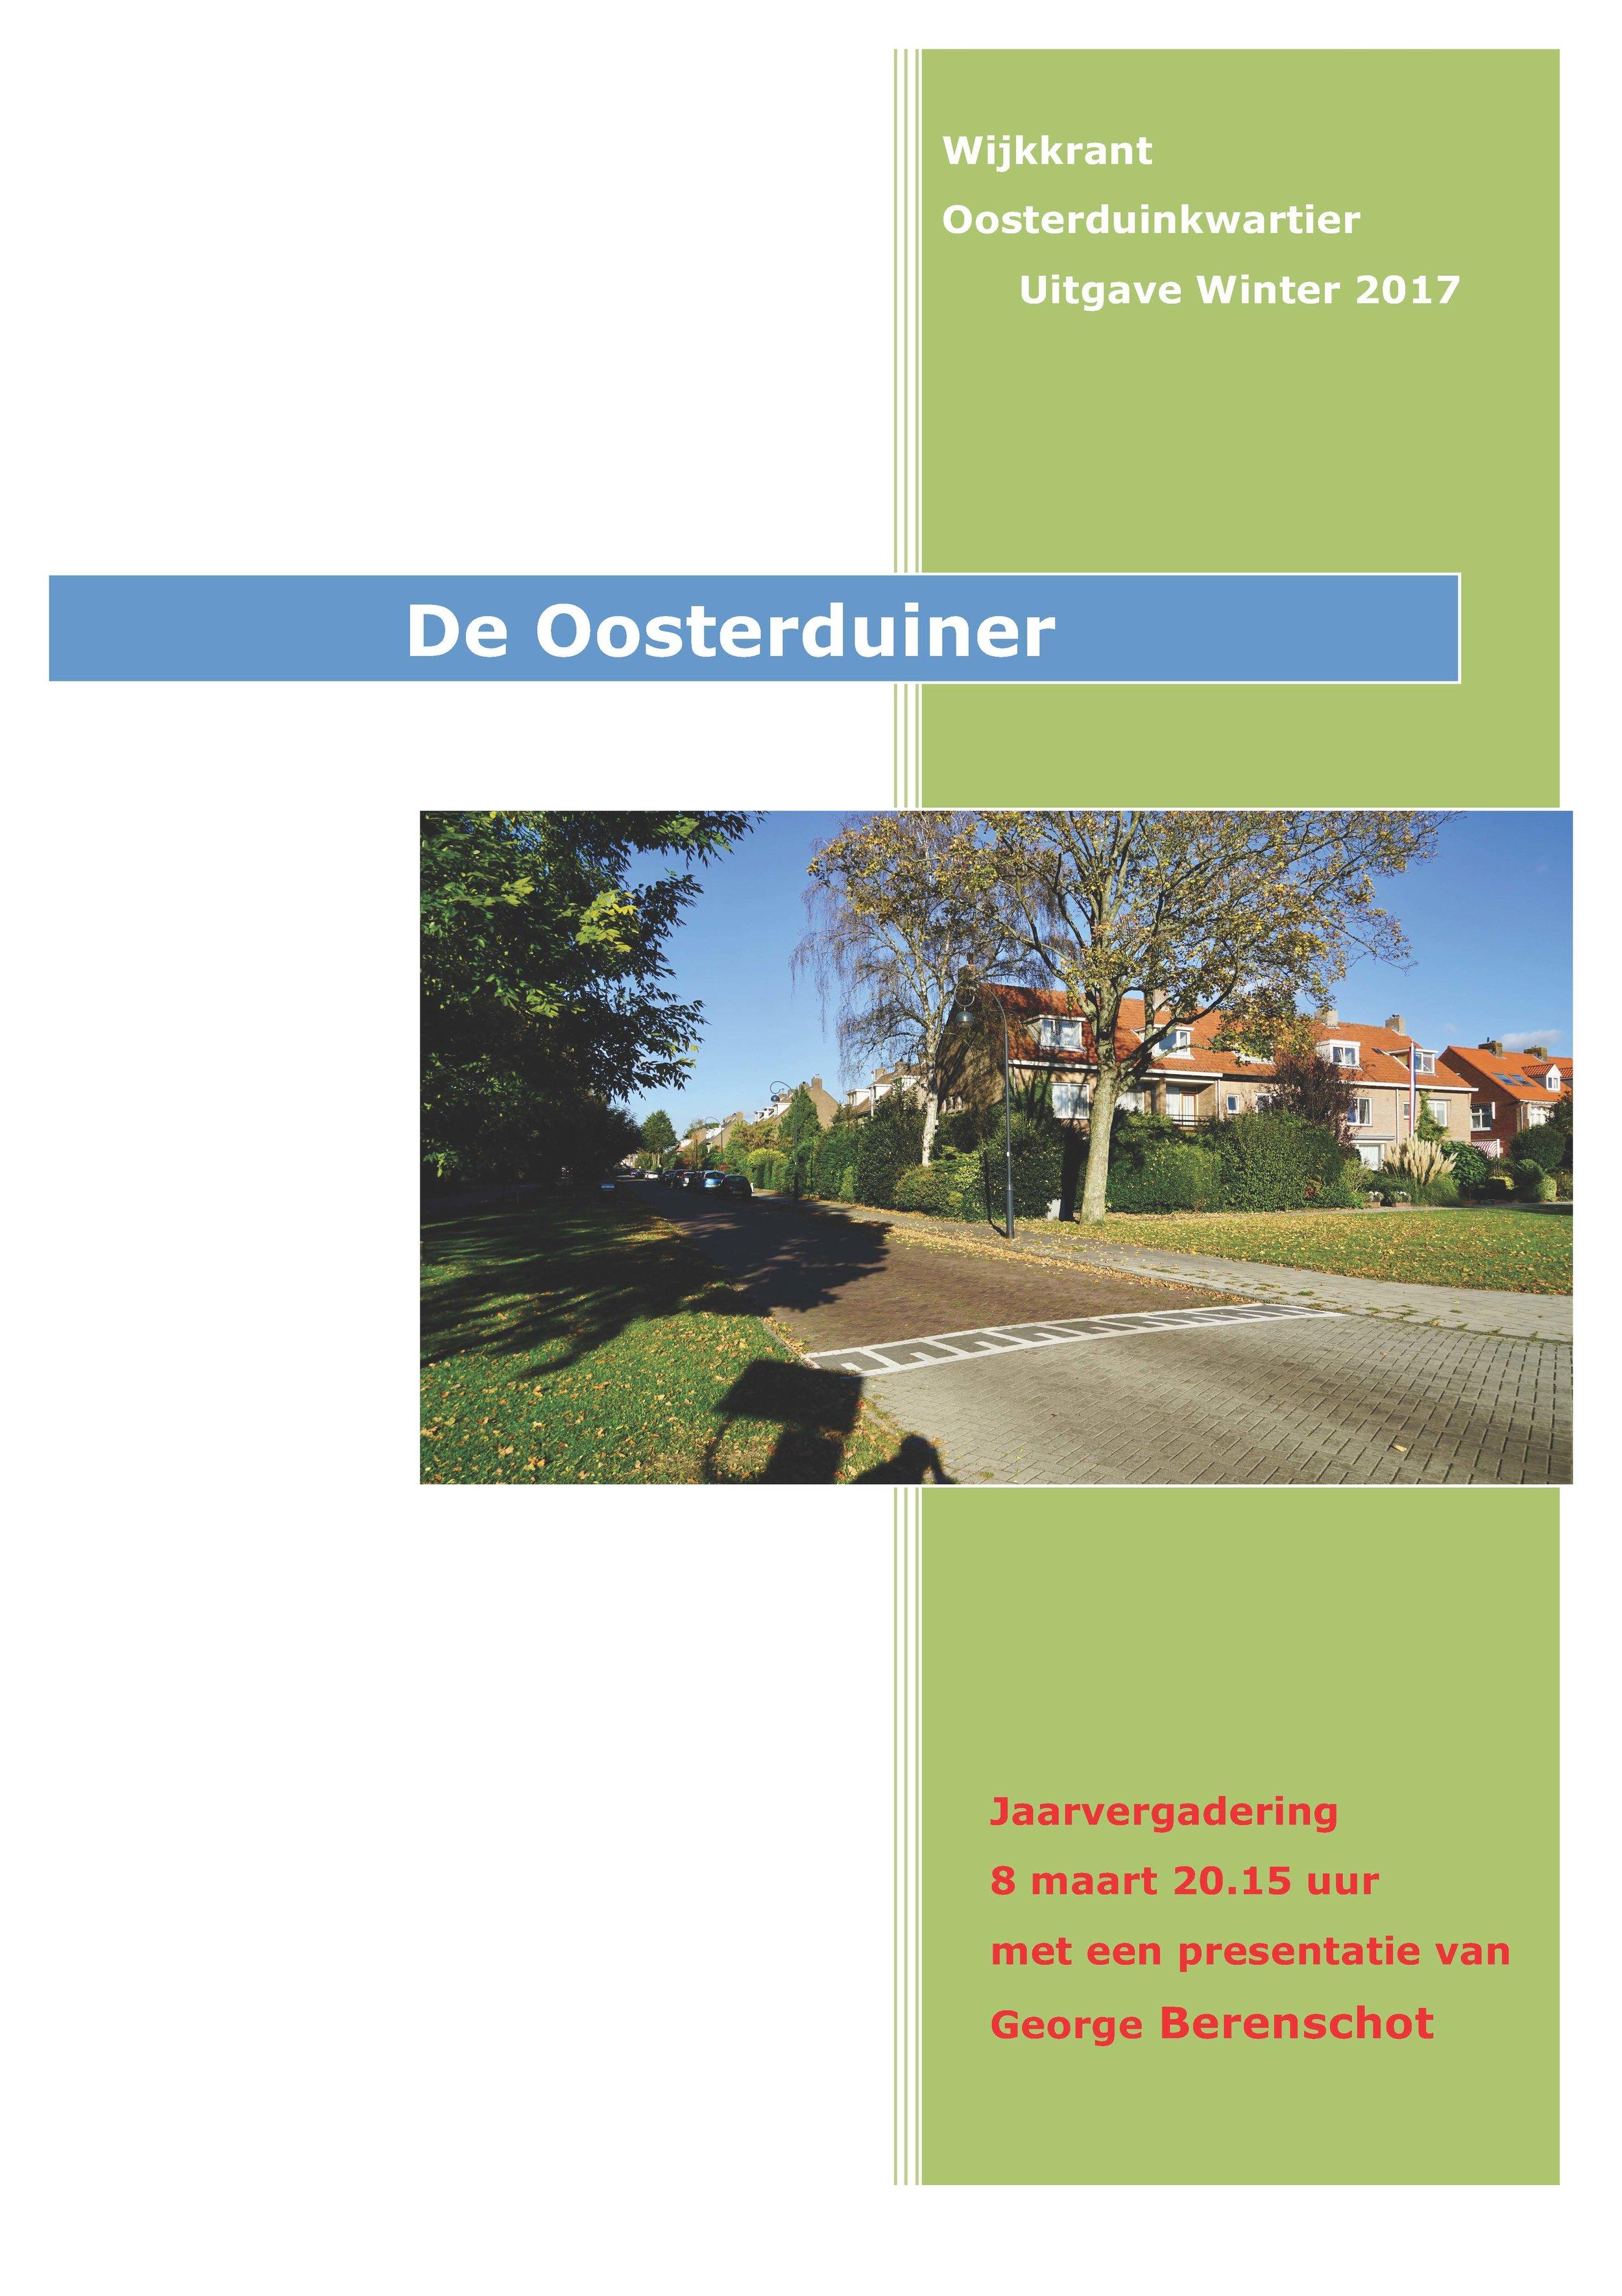 Wijkkrant winter 2017 - Wijkkrant Oosterduinkwartier - uitgave Winter 2017